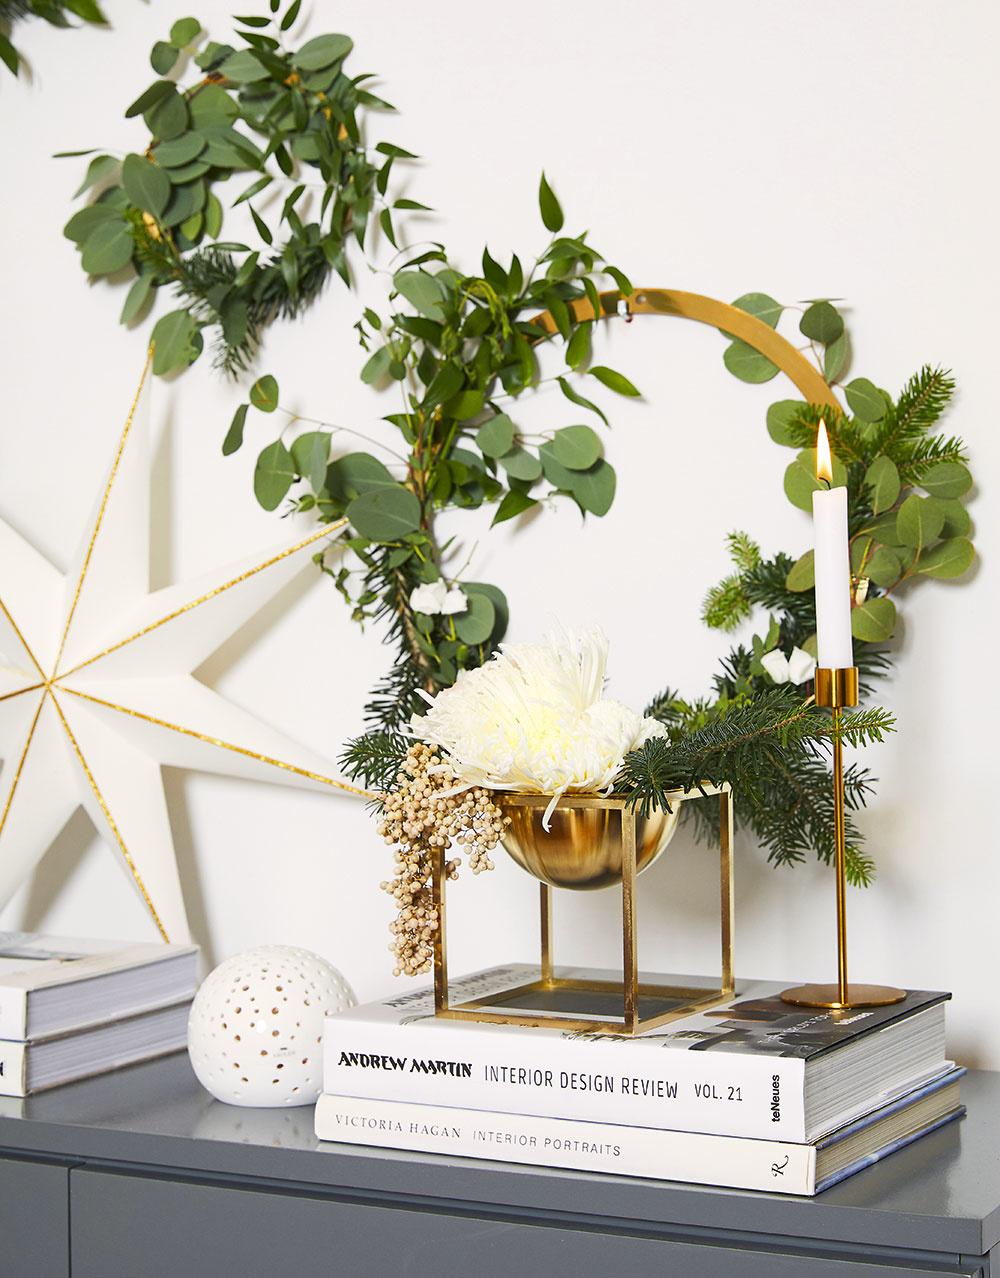 Kovové zlaté kruhy zavesené na klinčekoch nie sú žiadnou novinkou na trhu. Ak ich trochu ozdobíte zelenými vetvičkami, napríklad zrôznych druhov eukalyptu alebo čečiny, získate krásnu zimnú dekoráciu vprírodnom štýle.